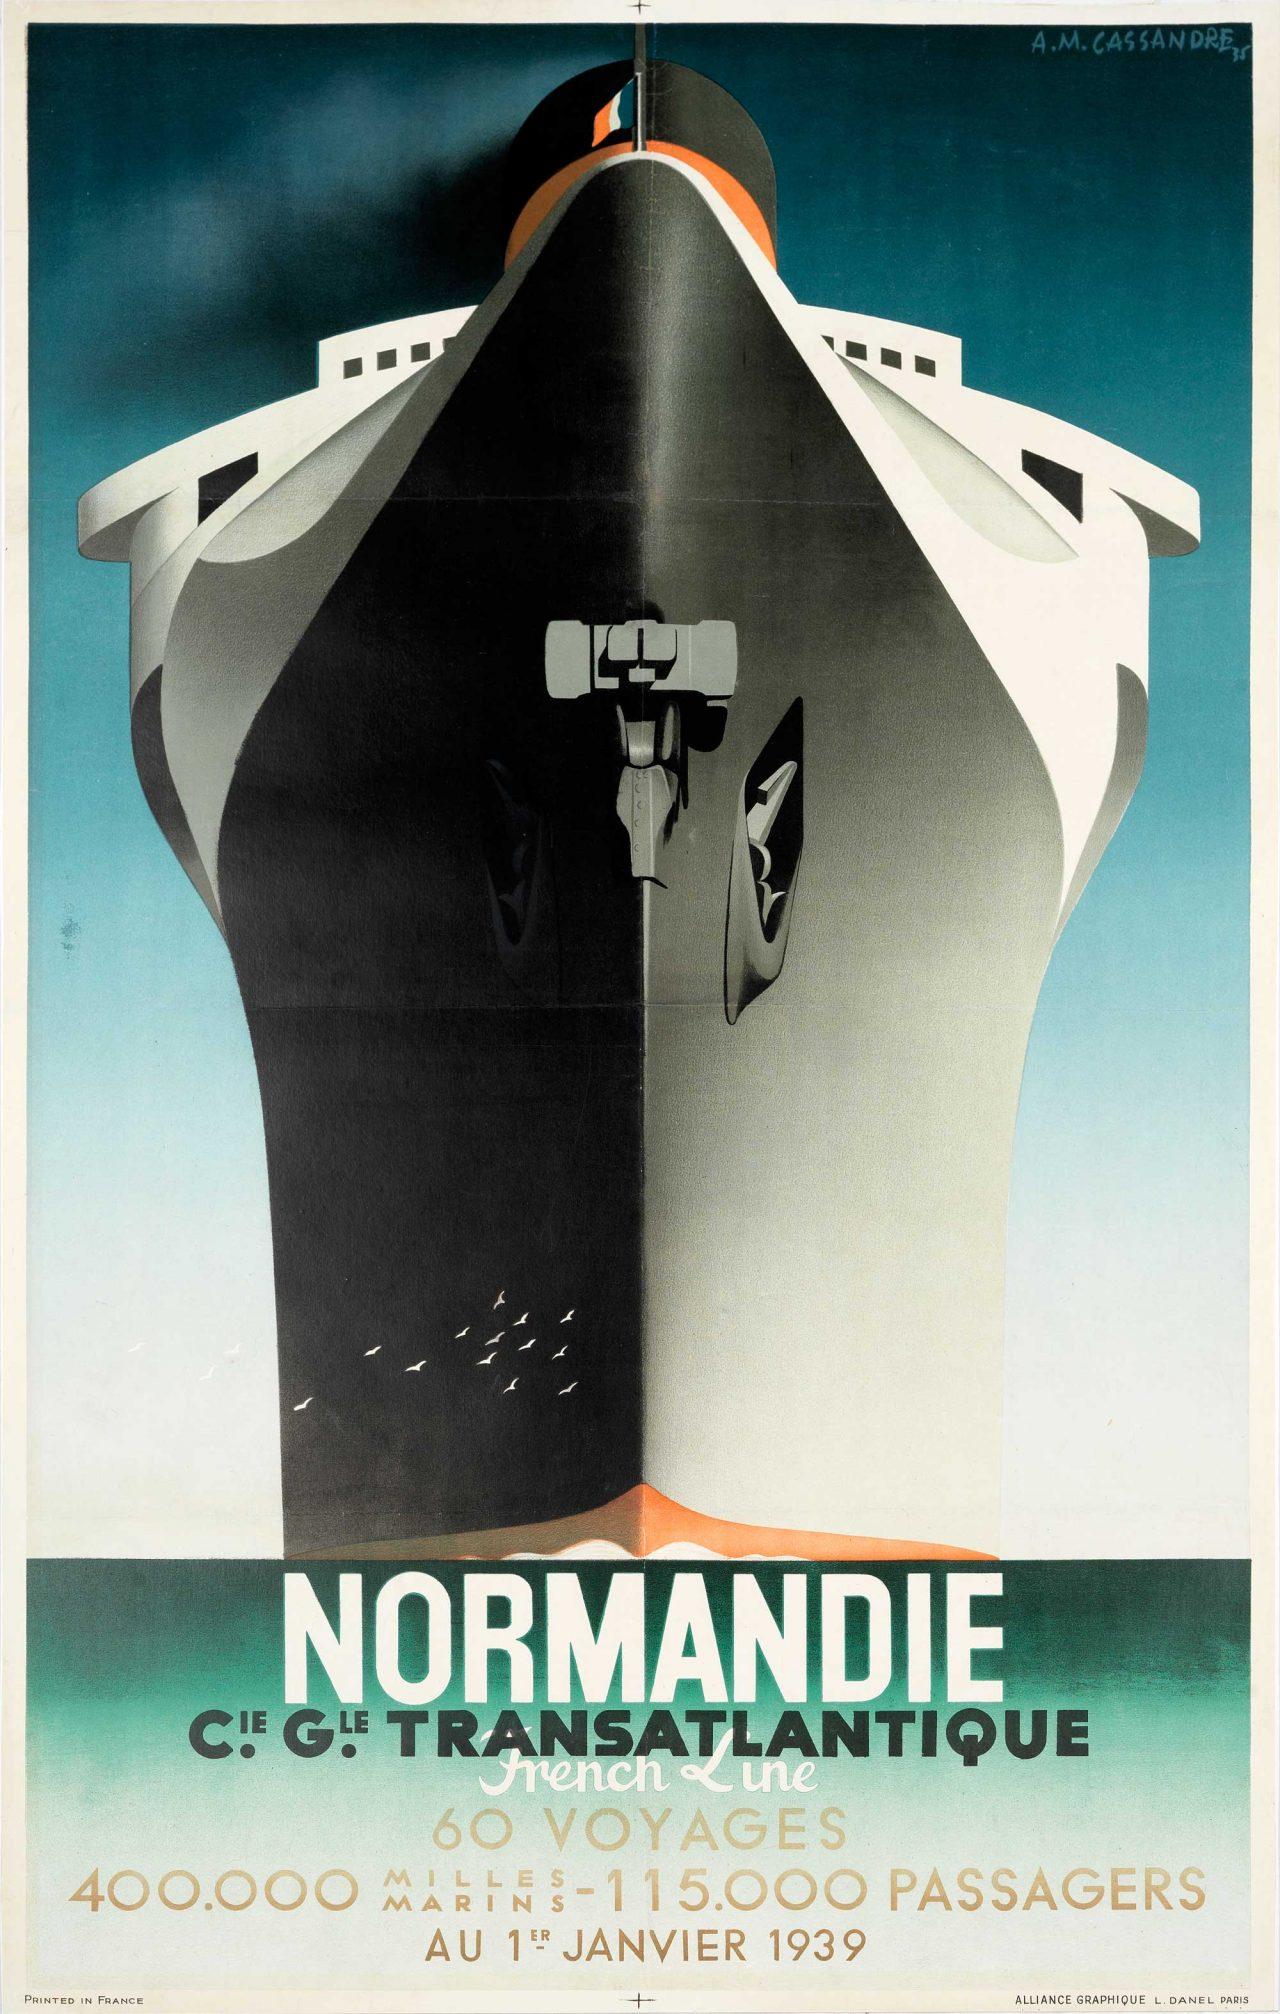 Cassandre poster